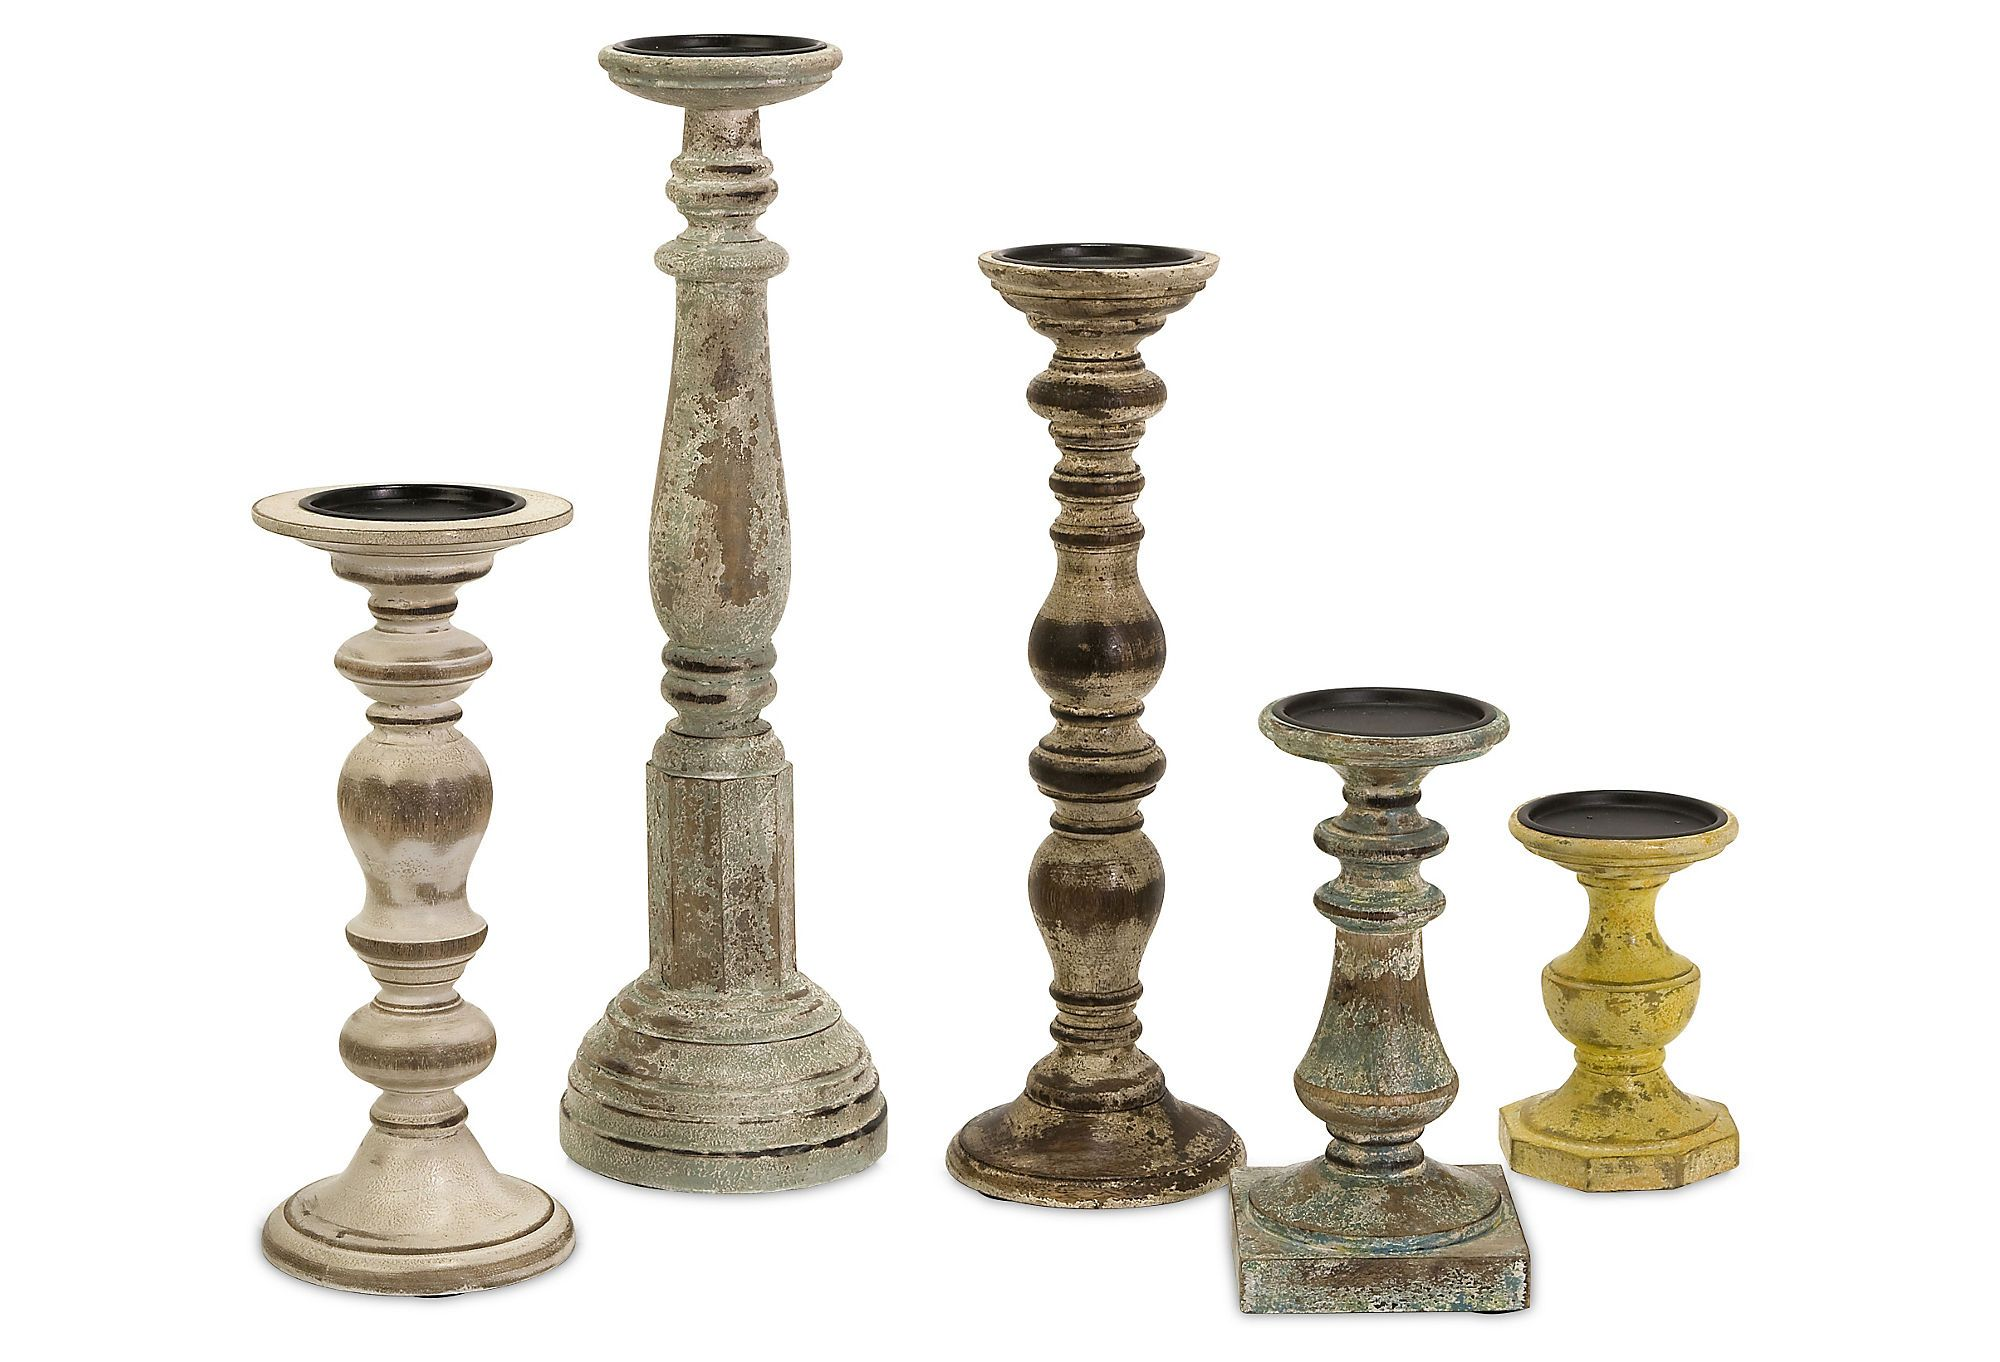 One kings lane buyersu picks distressed candleholders asst of